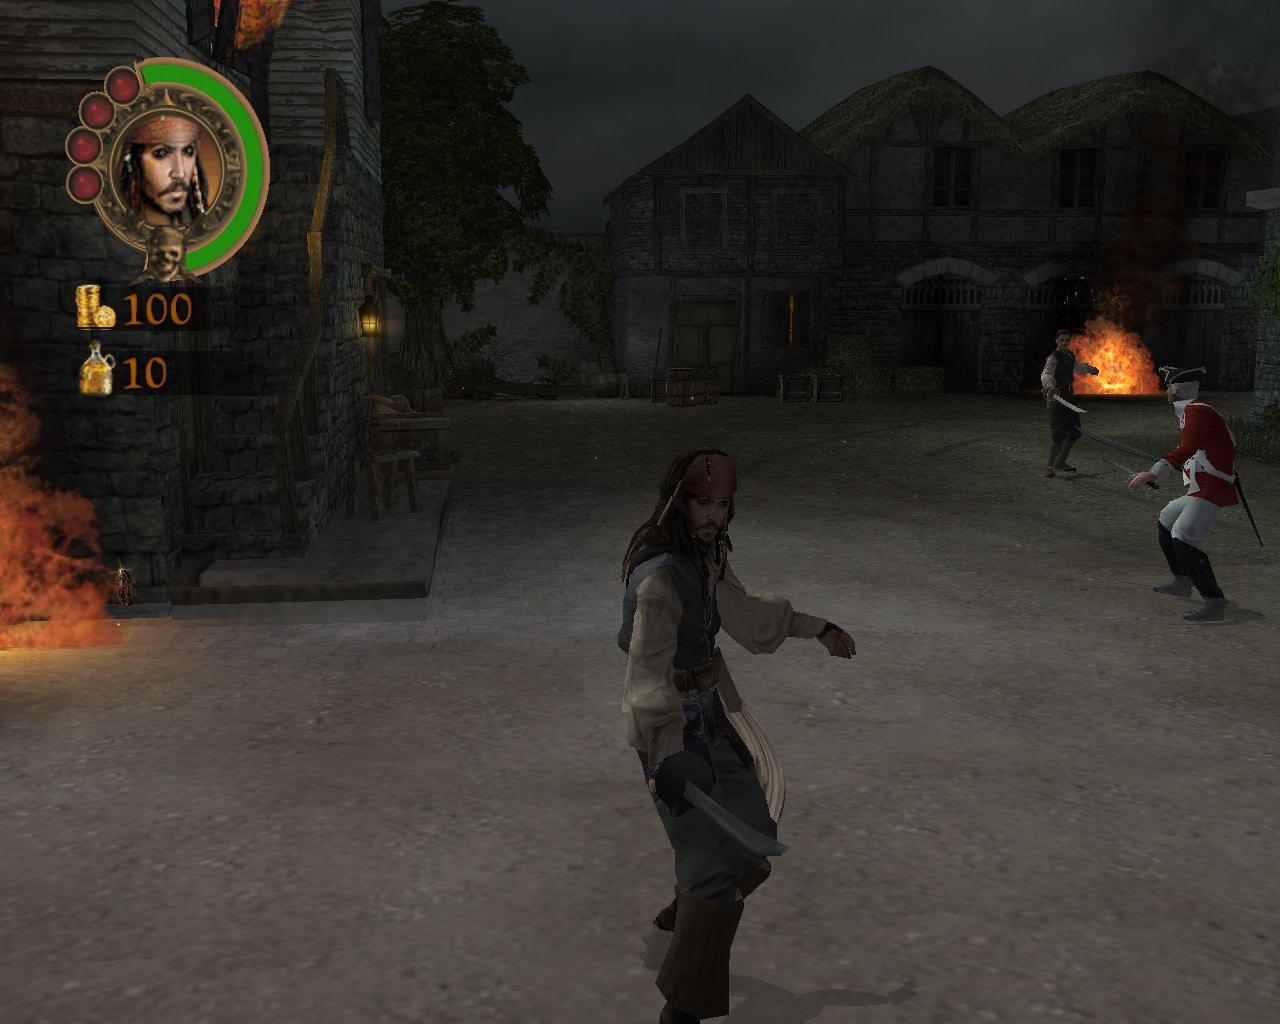 ゲーム版pirates Of The Caribbean ジョニー デップが声で出演